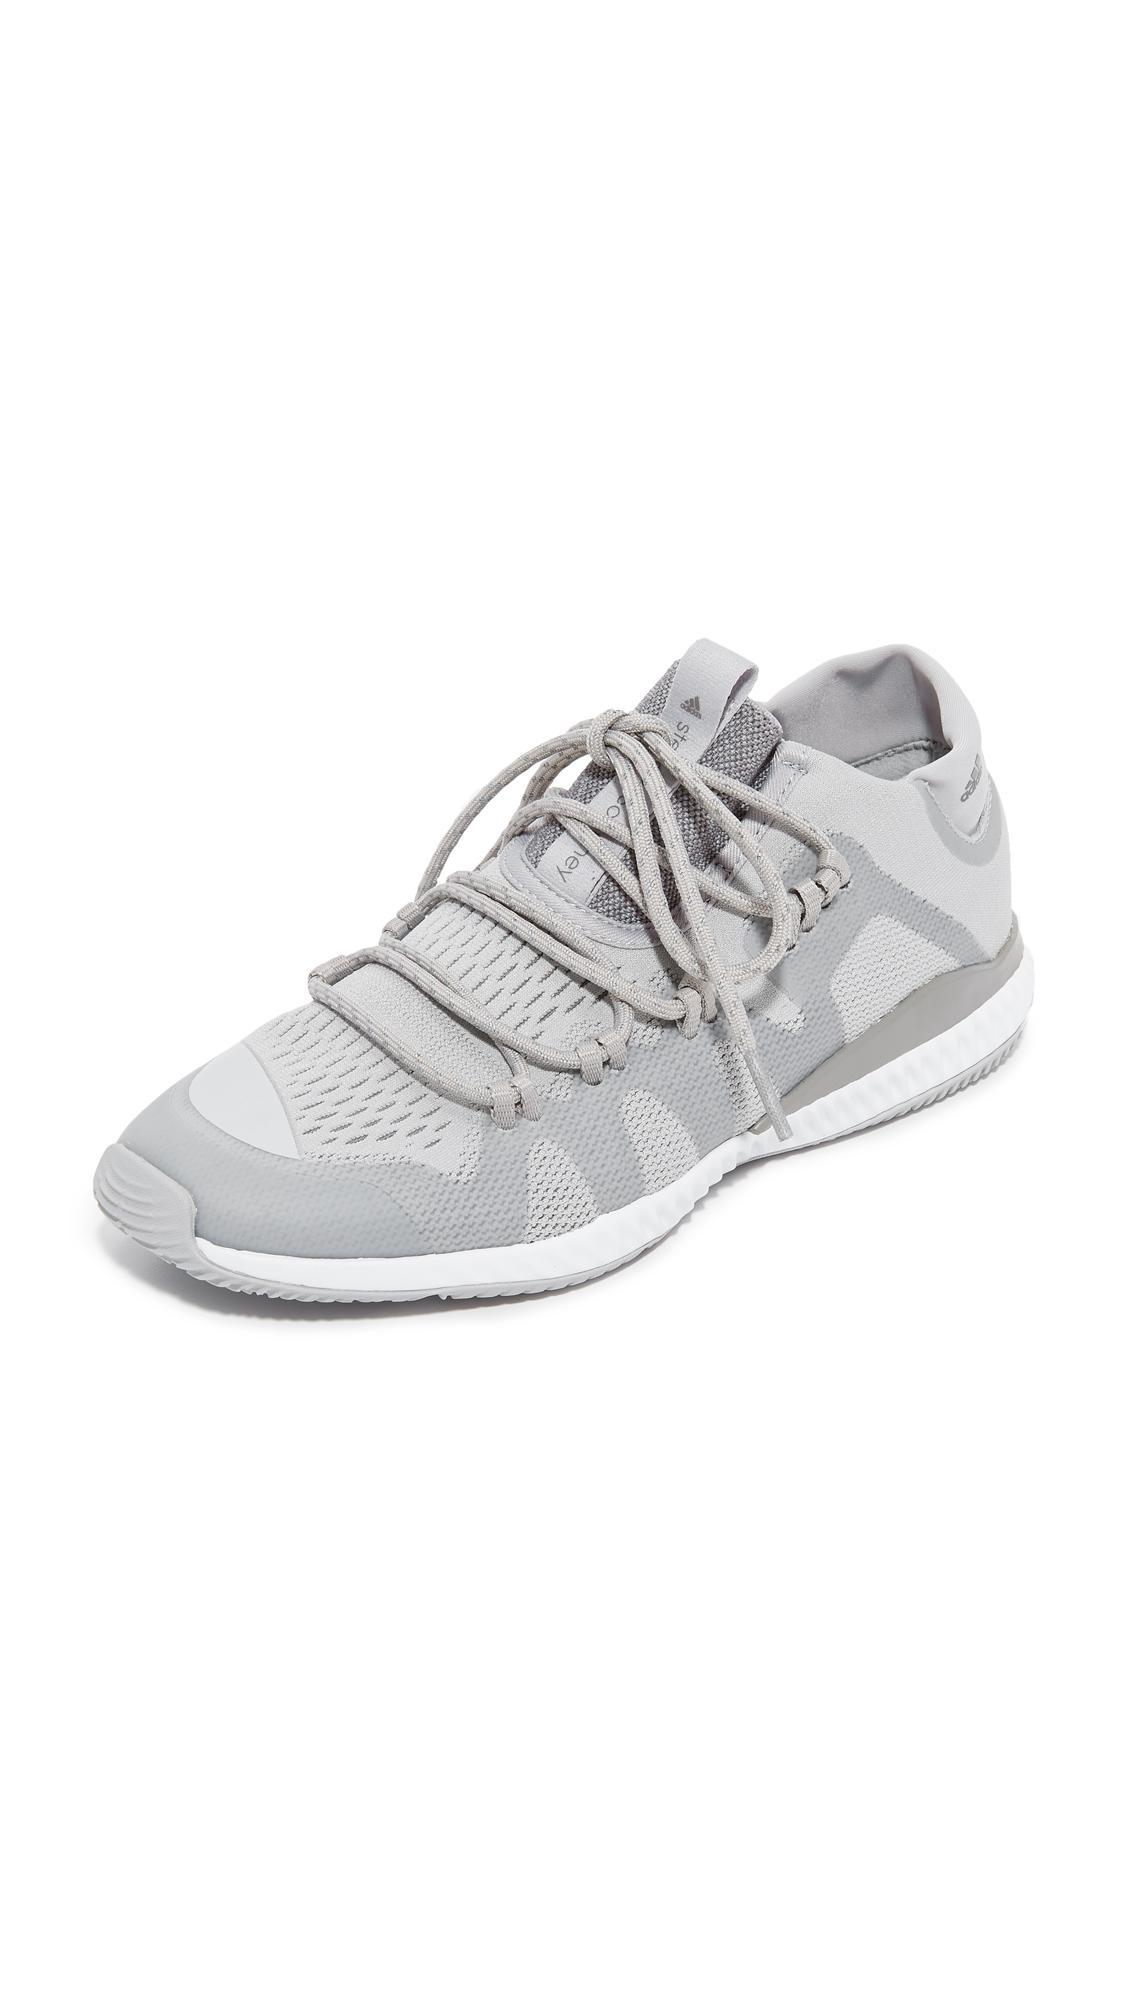 adidas originaux cristal blanc nmd r2 ash rose cq2007 femmes 9 ebay